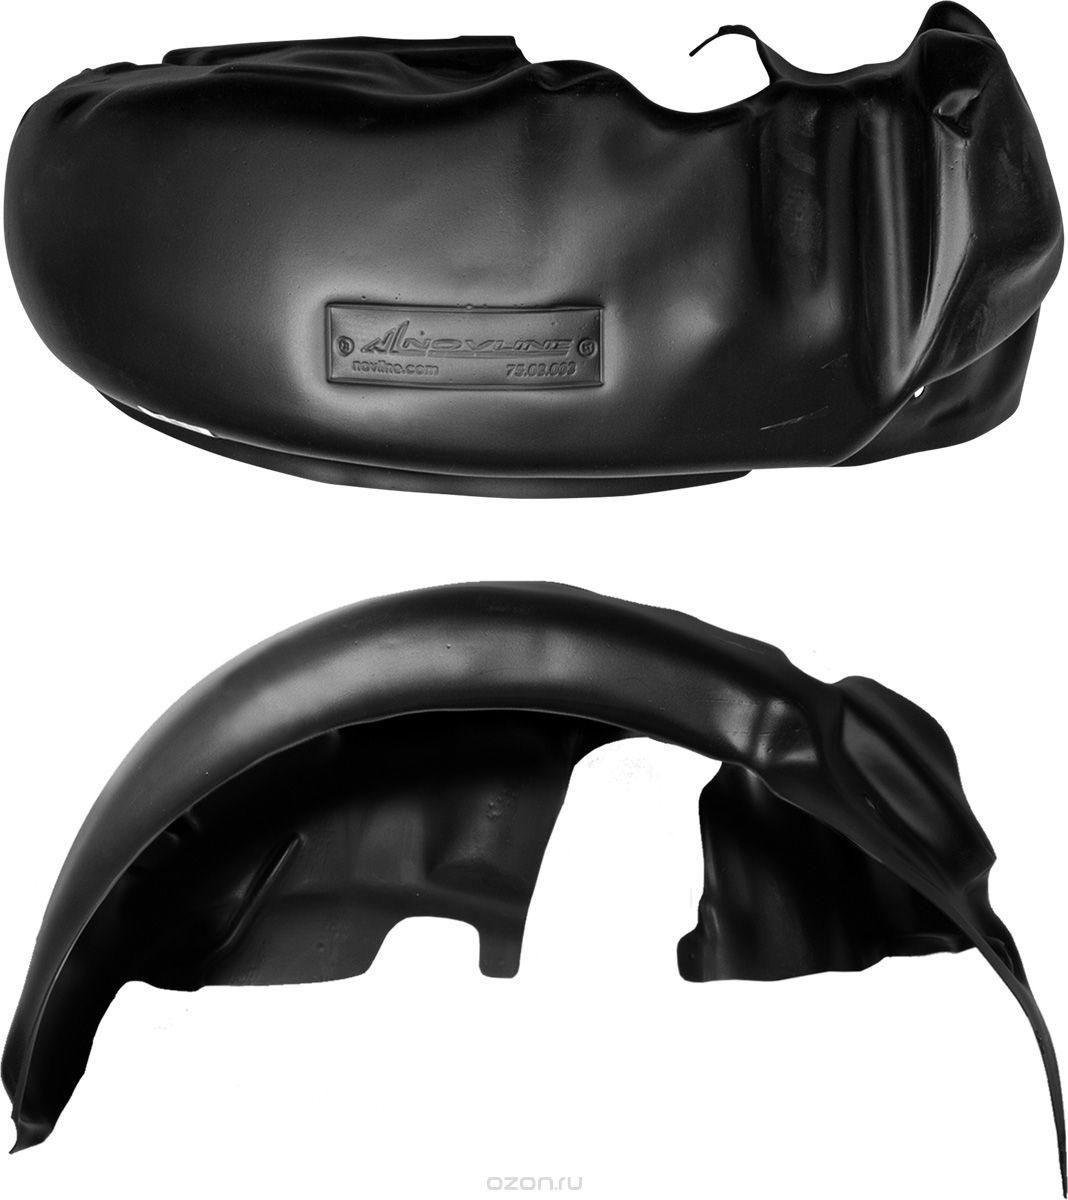 Подкрылок Novline-Autofamily, для PEUGEOT Boxer 2006-2014, без расширителей арок, передний левыйVT-1840-BKИдеальная защита колесной ниши. Локеры разработаны с применением цифровых технологий, гарантируют максимальную повторяемость поверхности арки. Изделия устанавливаются без нарушения лакокрасочного покрытия автомобиля, каждый подкрылок комплектуется крепежом. Уважаемые клиенты, обращаем ваше внимание, что фотографии на подкрылки универсальные и не отражают реальную форму изделия. При этом само изделие идет точно под размер указанного автомобиля.